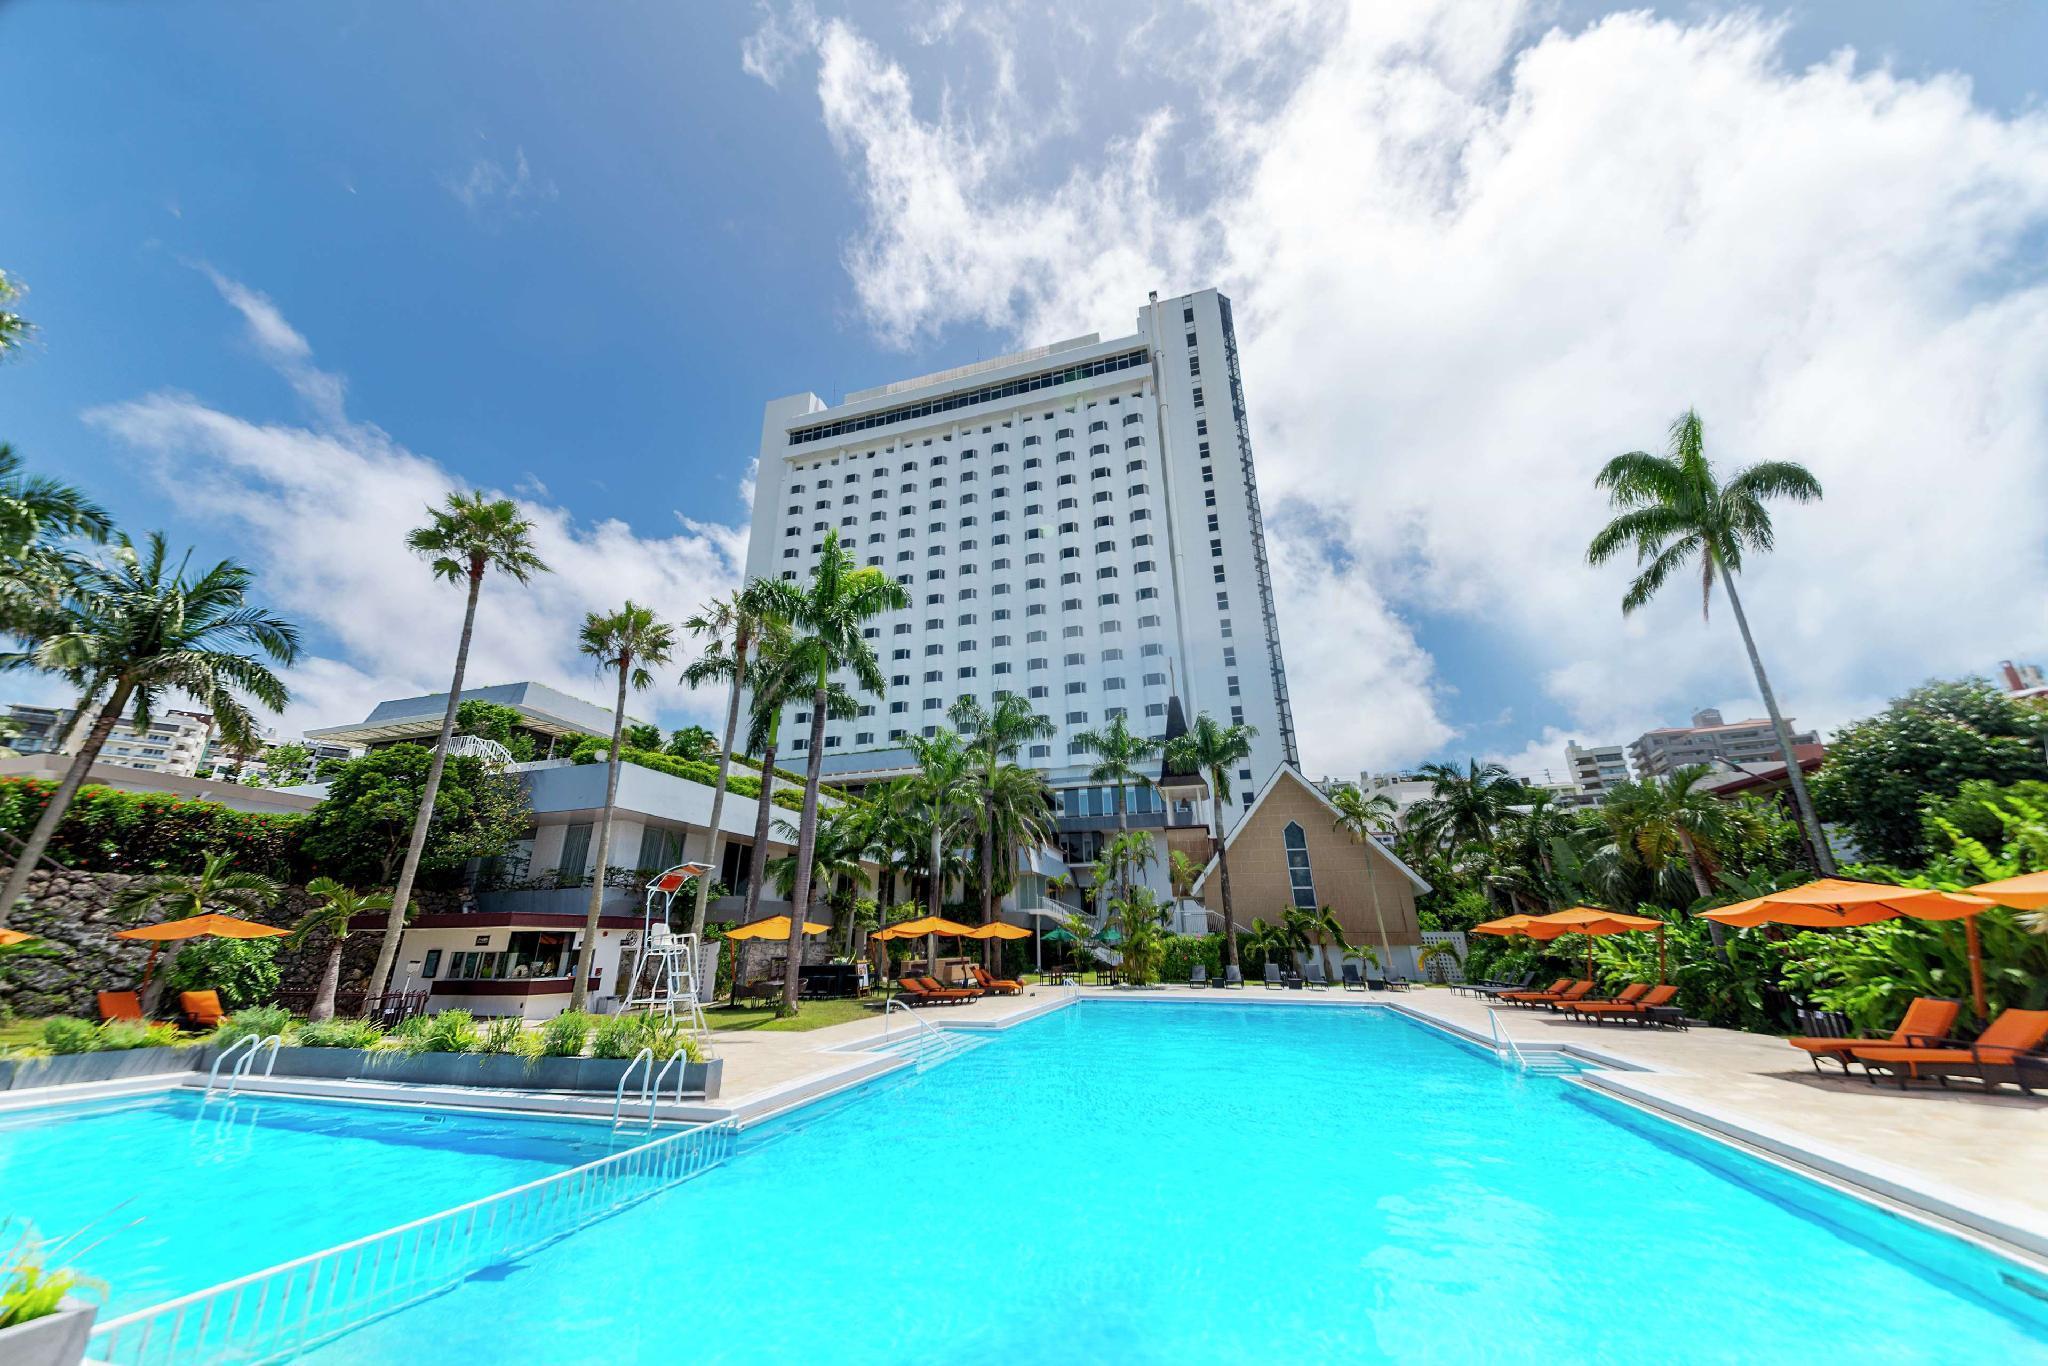 DoubleTree By Hilton Hotel Naha Shuri Castle